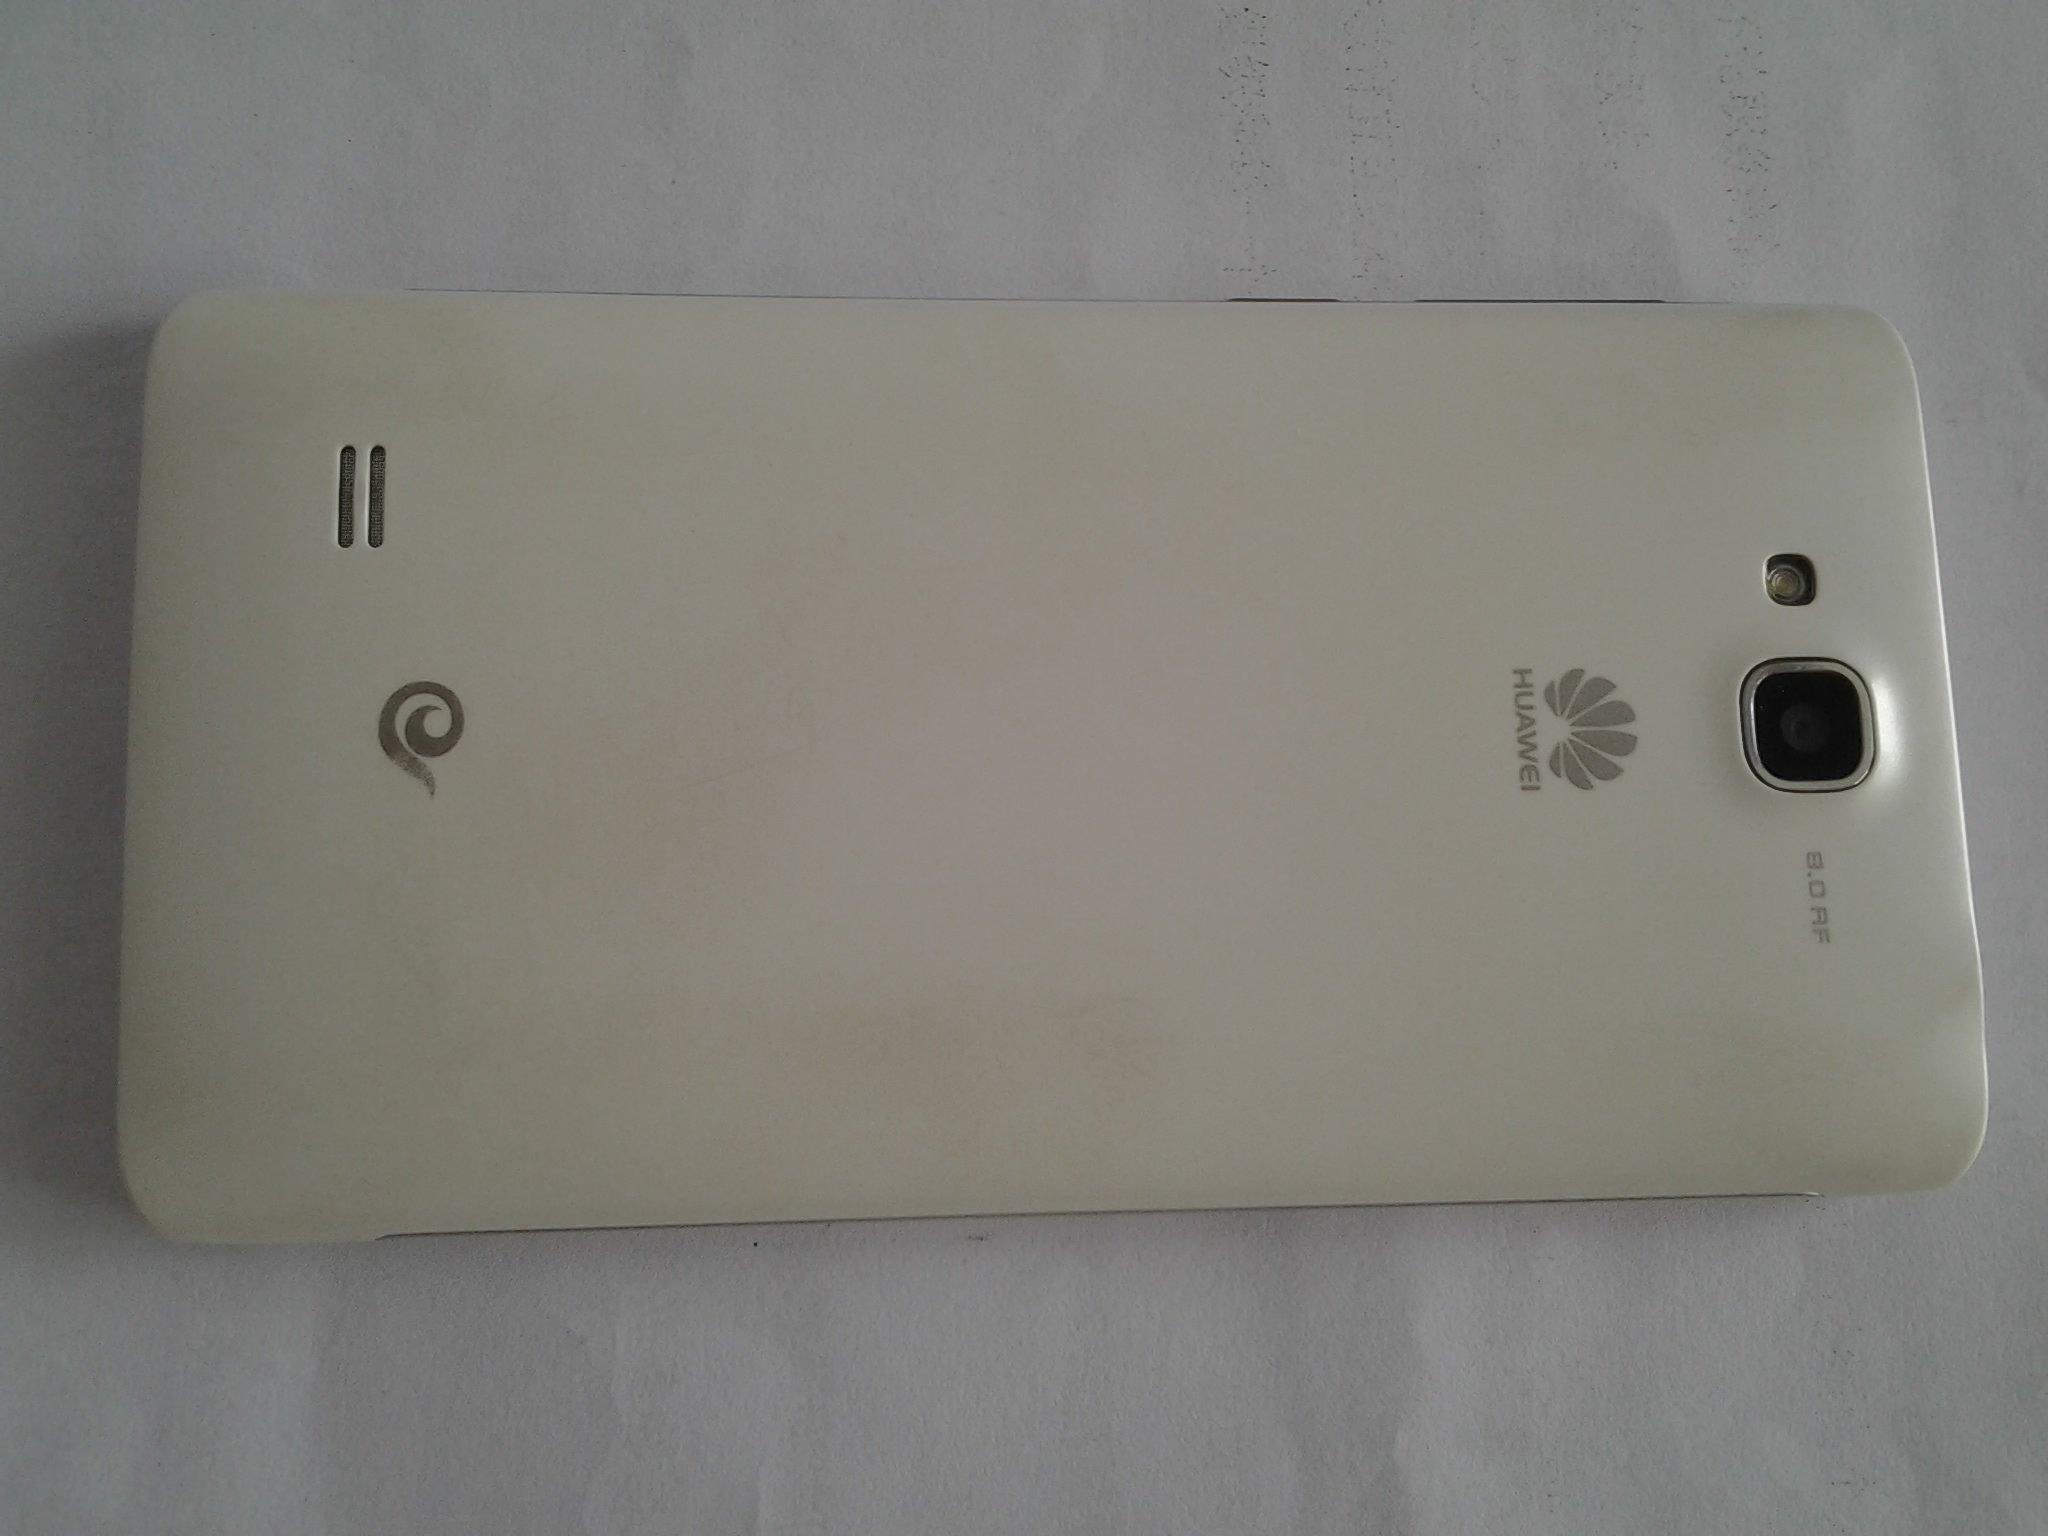 华为c8816电信手机